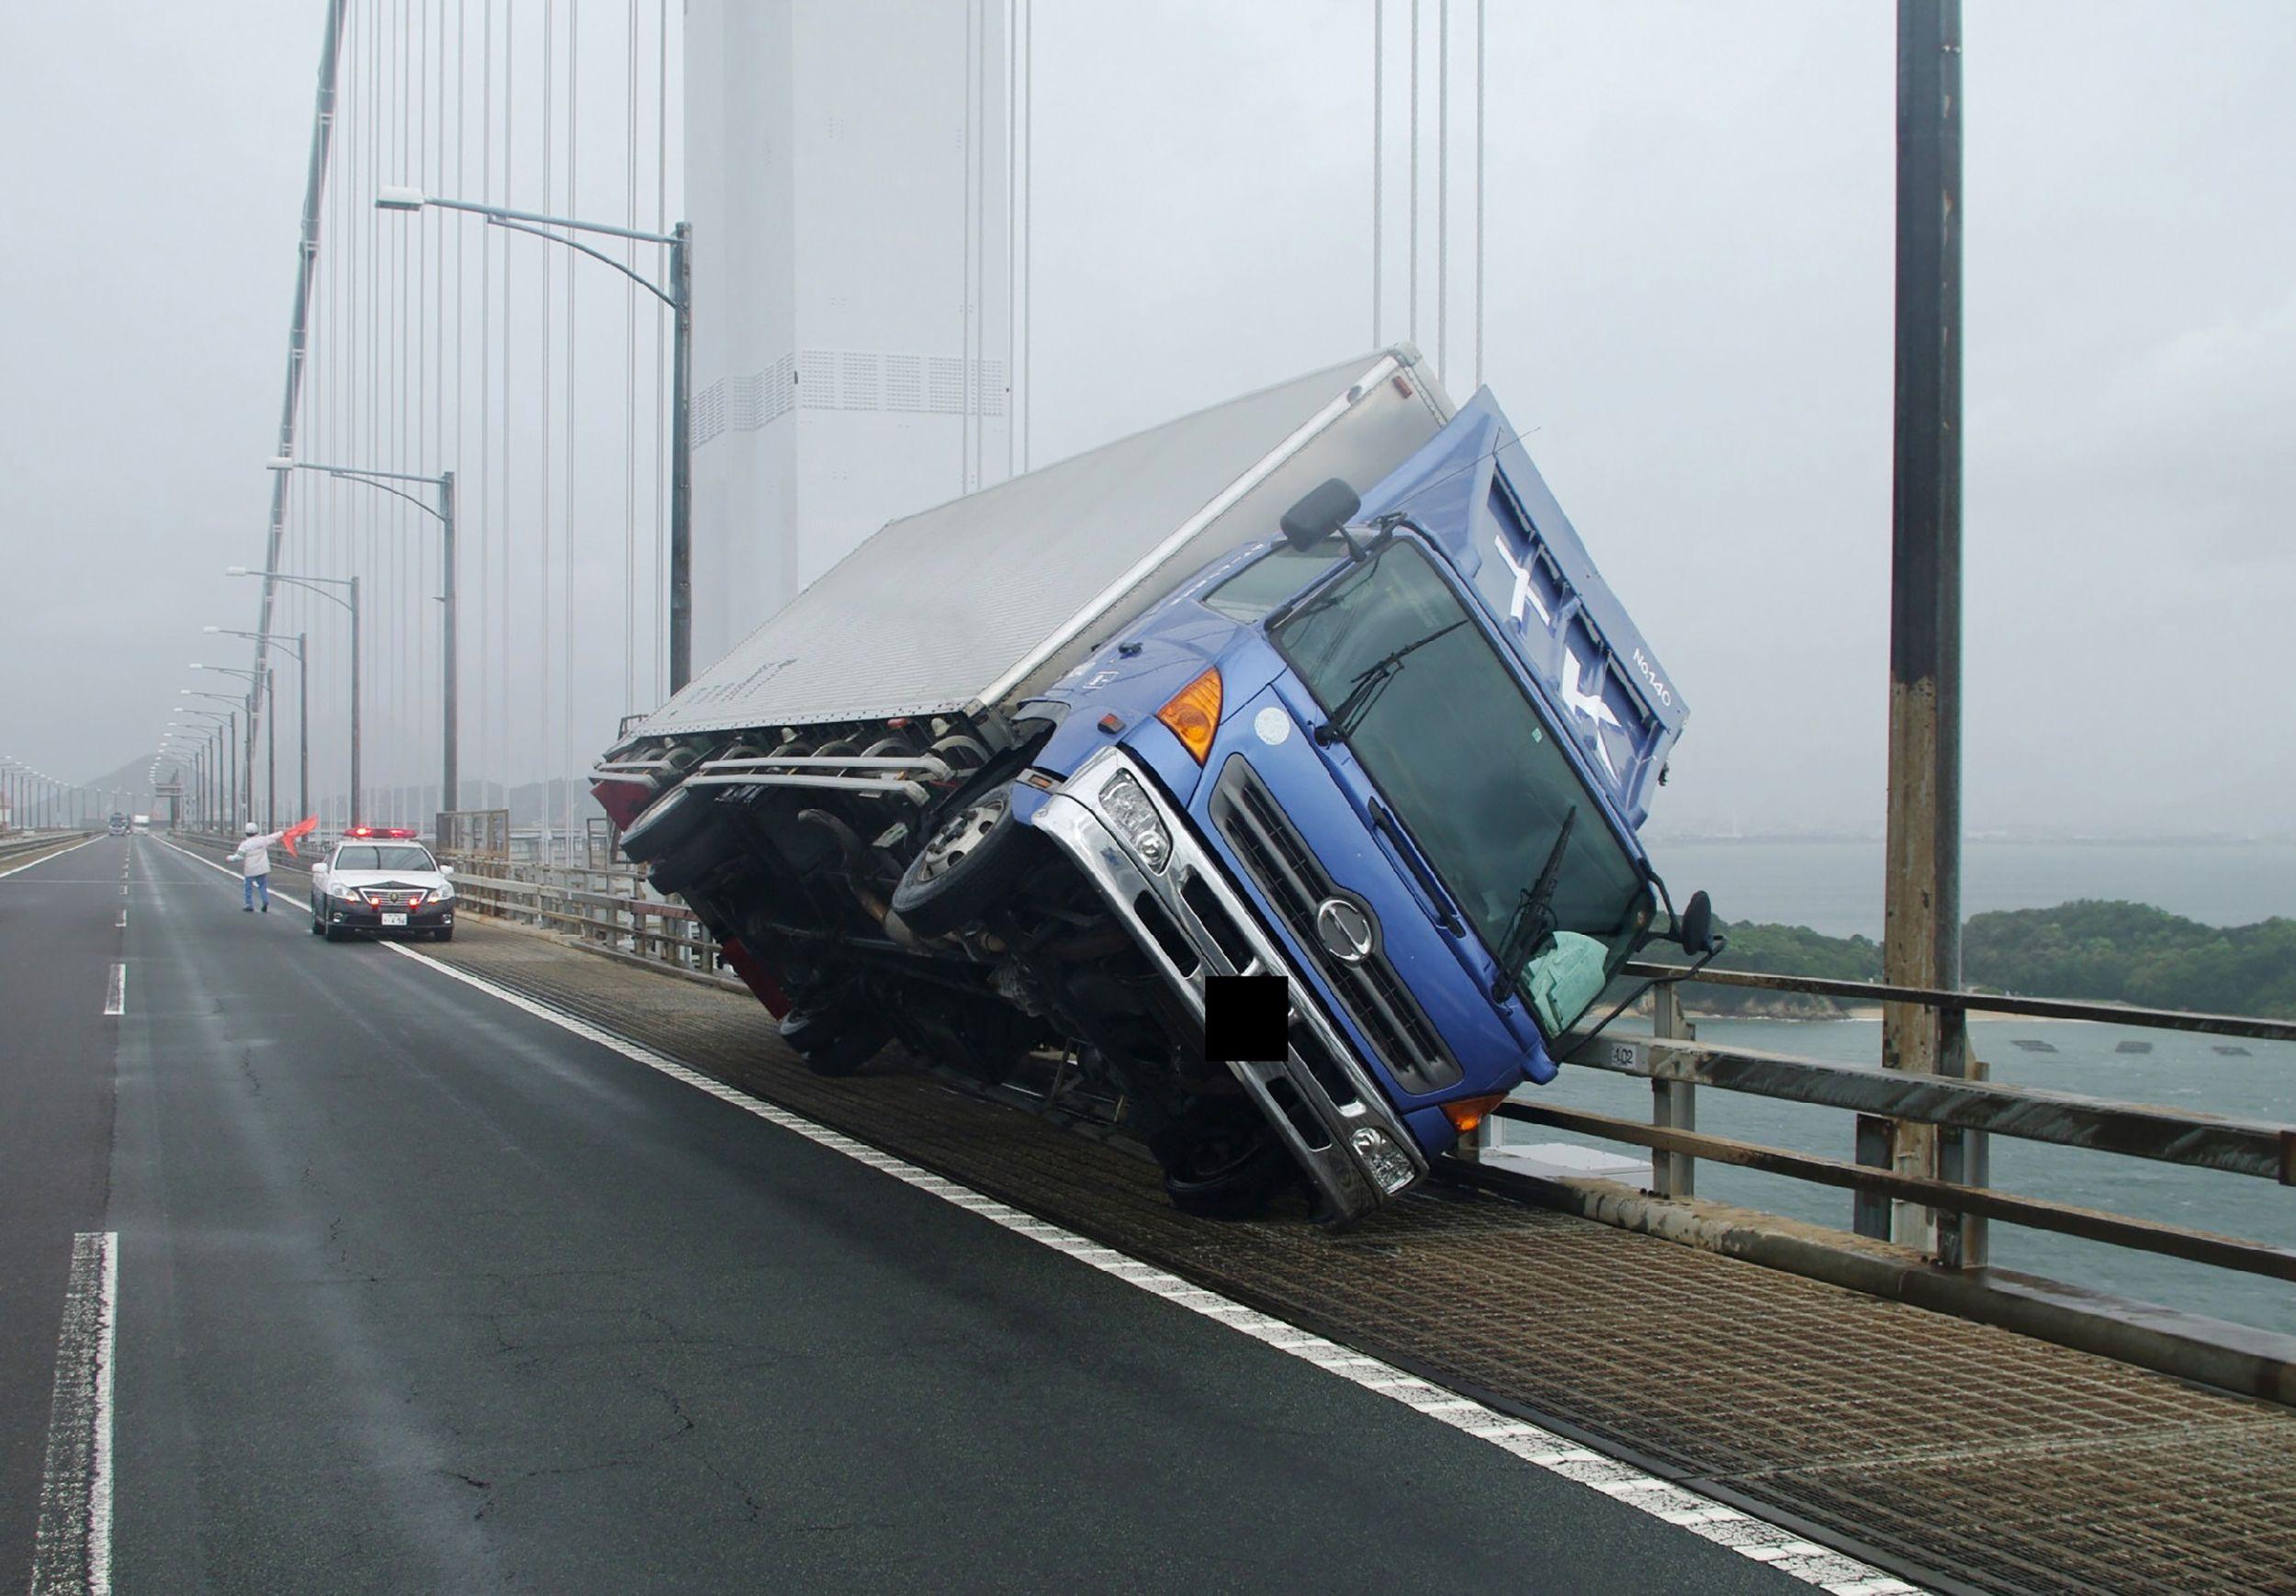 الرياح القوية تقلب شاحنة